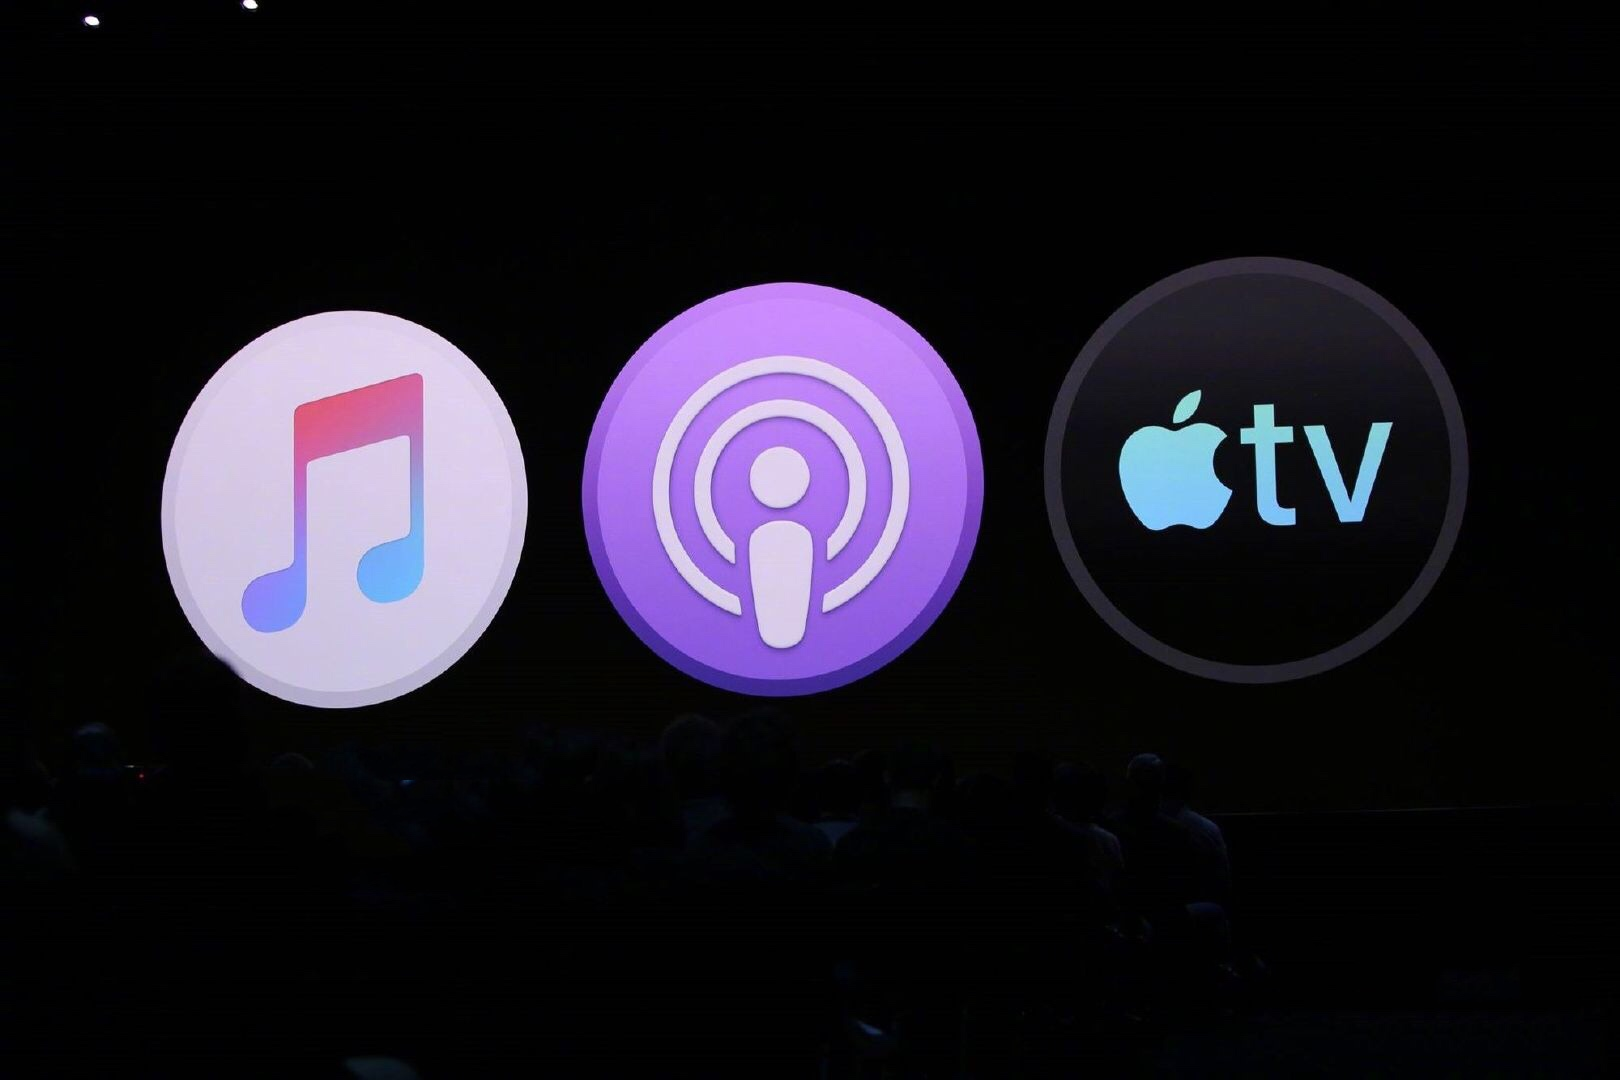 一文看懂苹果WWDC19大会 产品线操作系统全面升级的照片 - 13